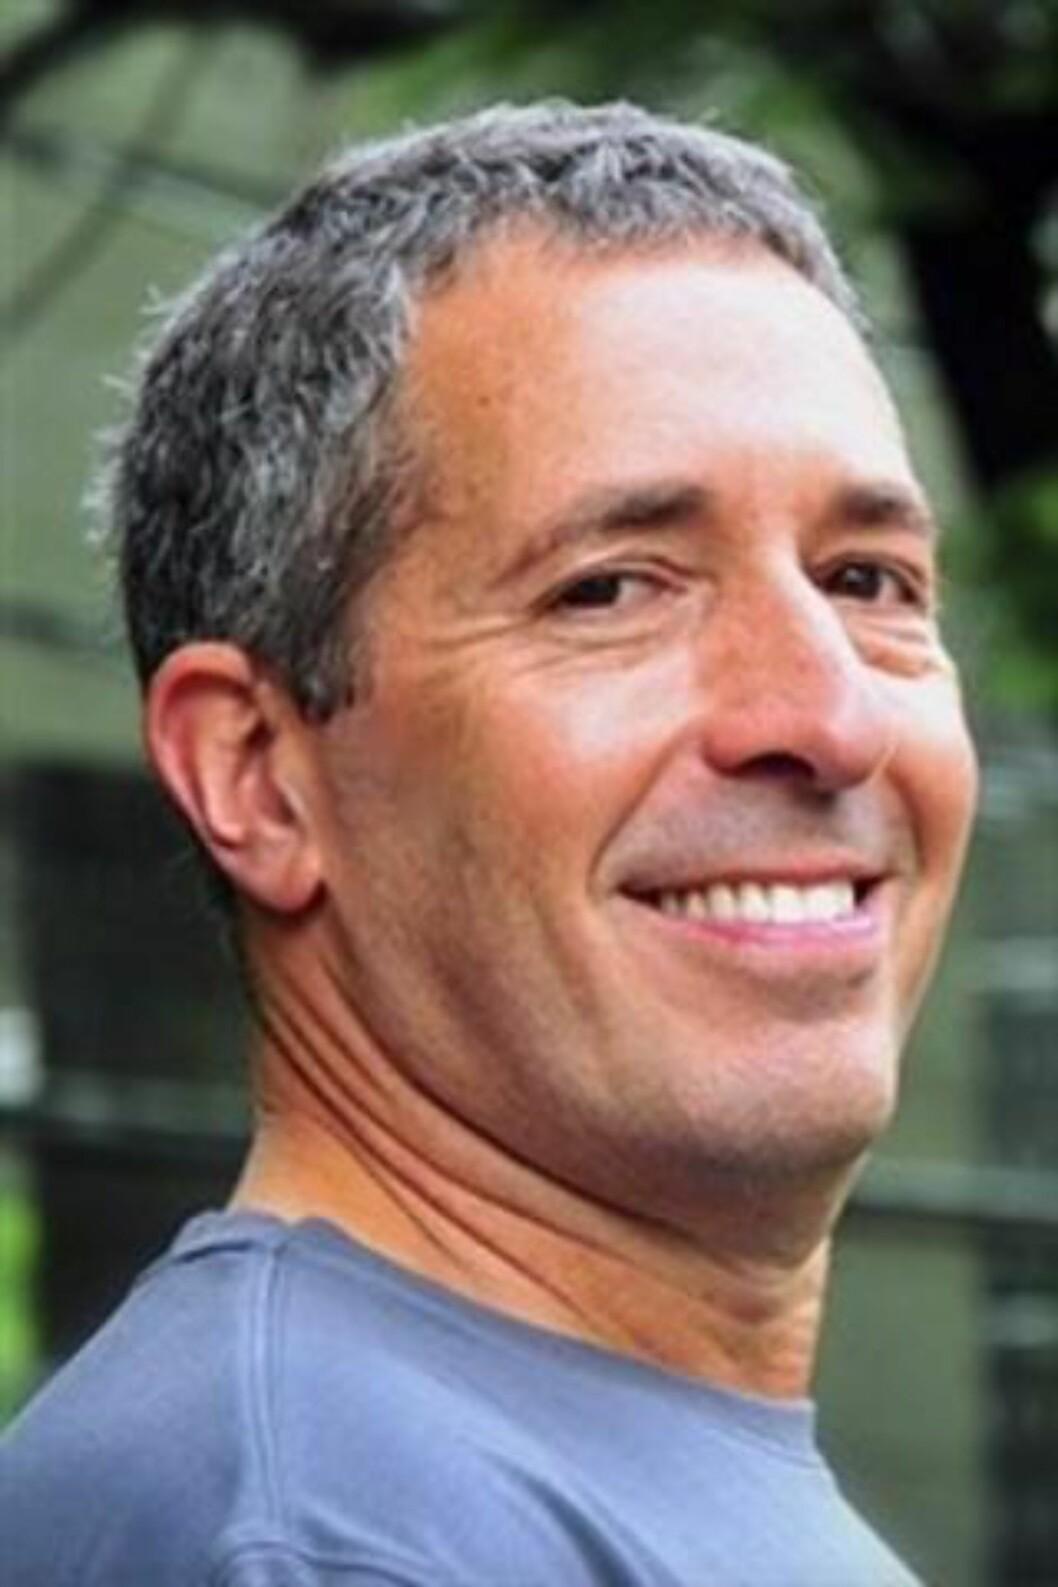 FORFATTER 2: Eldar Shafir er professor i psykologi ved Princeton University. Han har levert flere banebrytende arbeider innen atferdsøkonomien, og samarbeidet med Daniel Kahnemann ved flere anledninger. (Foto: Macmillan.)